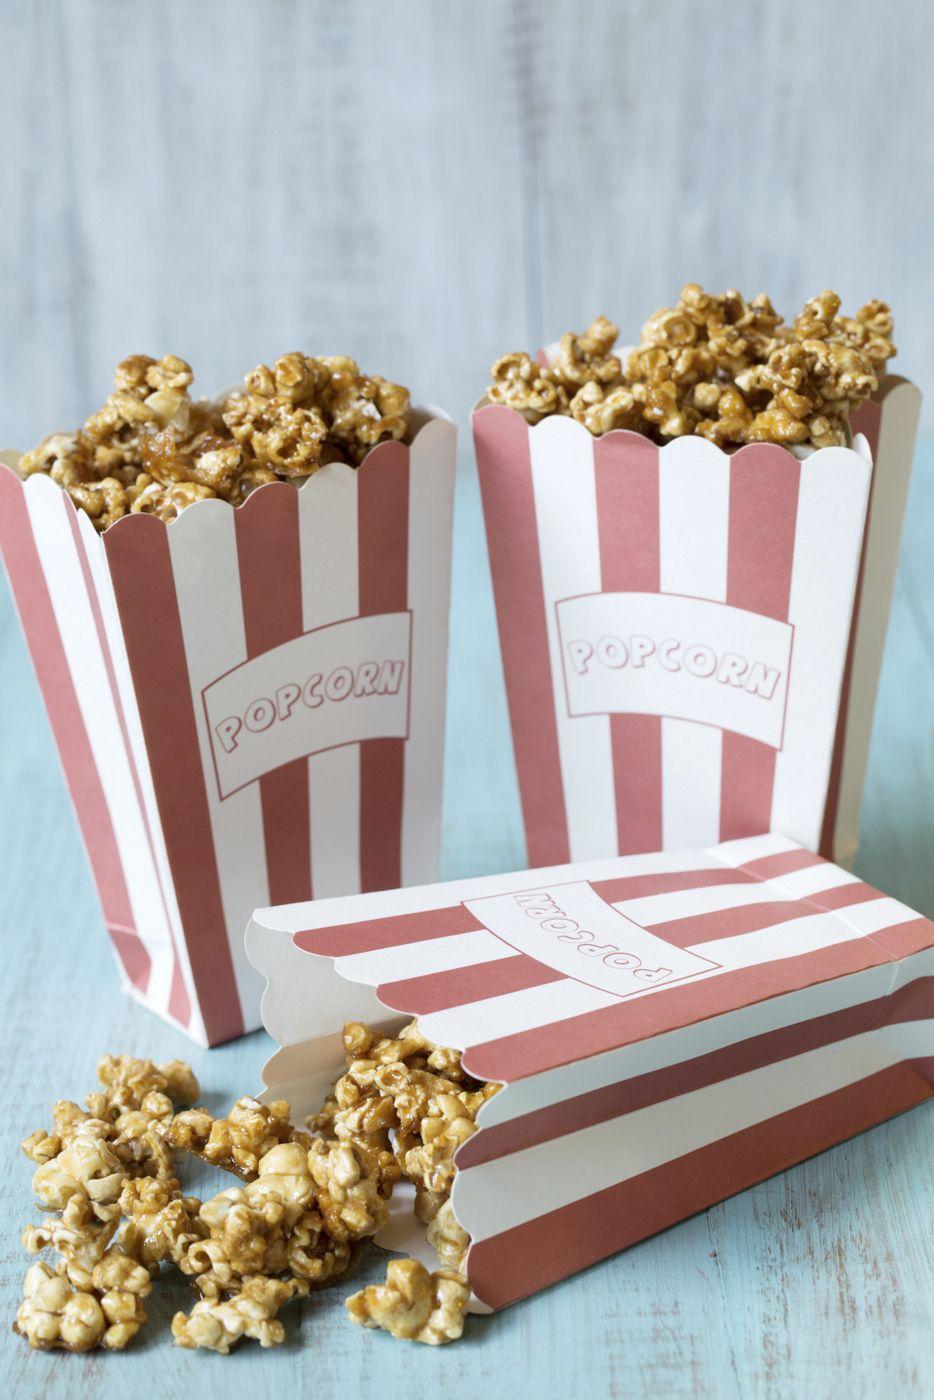 Caramel Popcorn (Refined Sugar Free, GlutenFree, Vegan